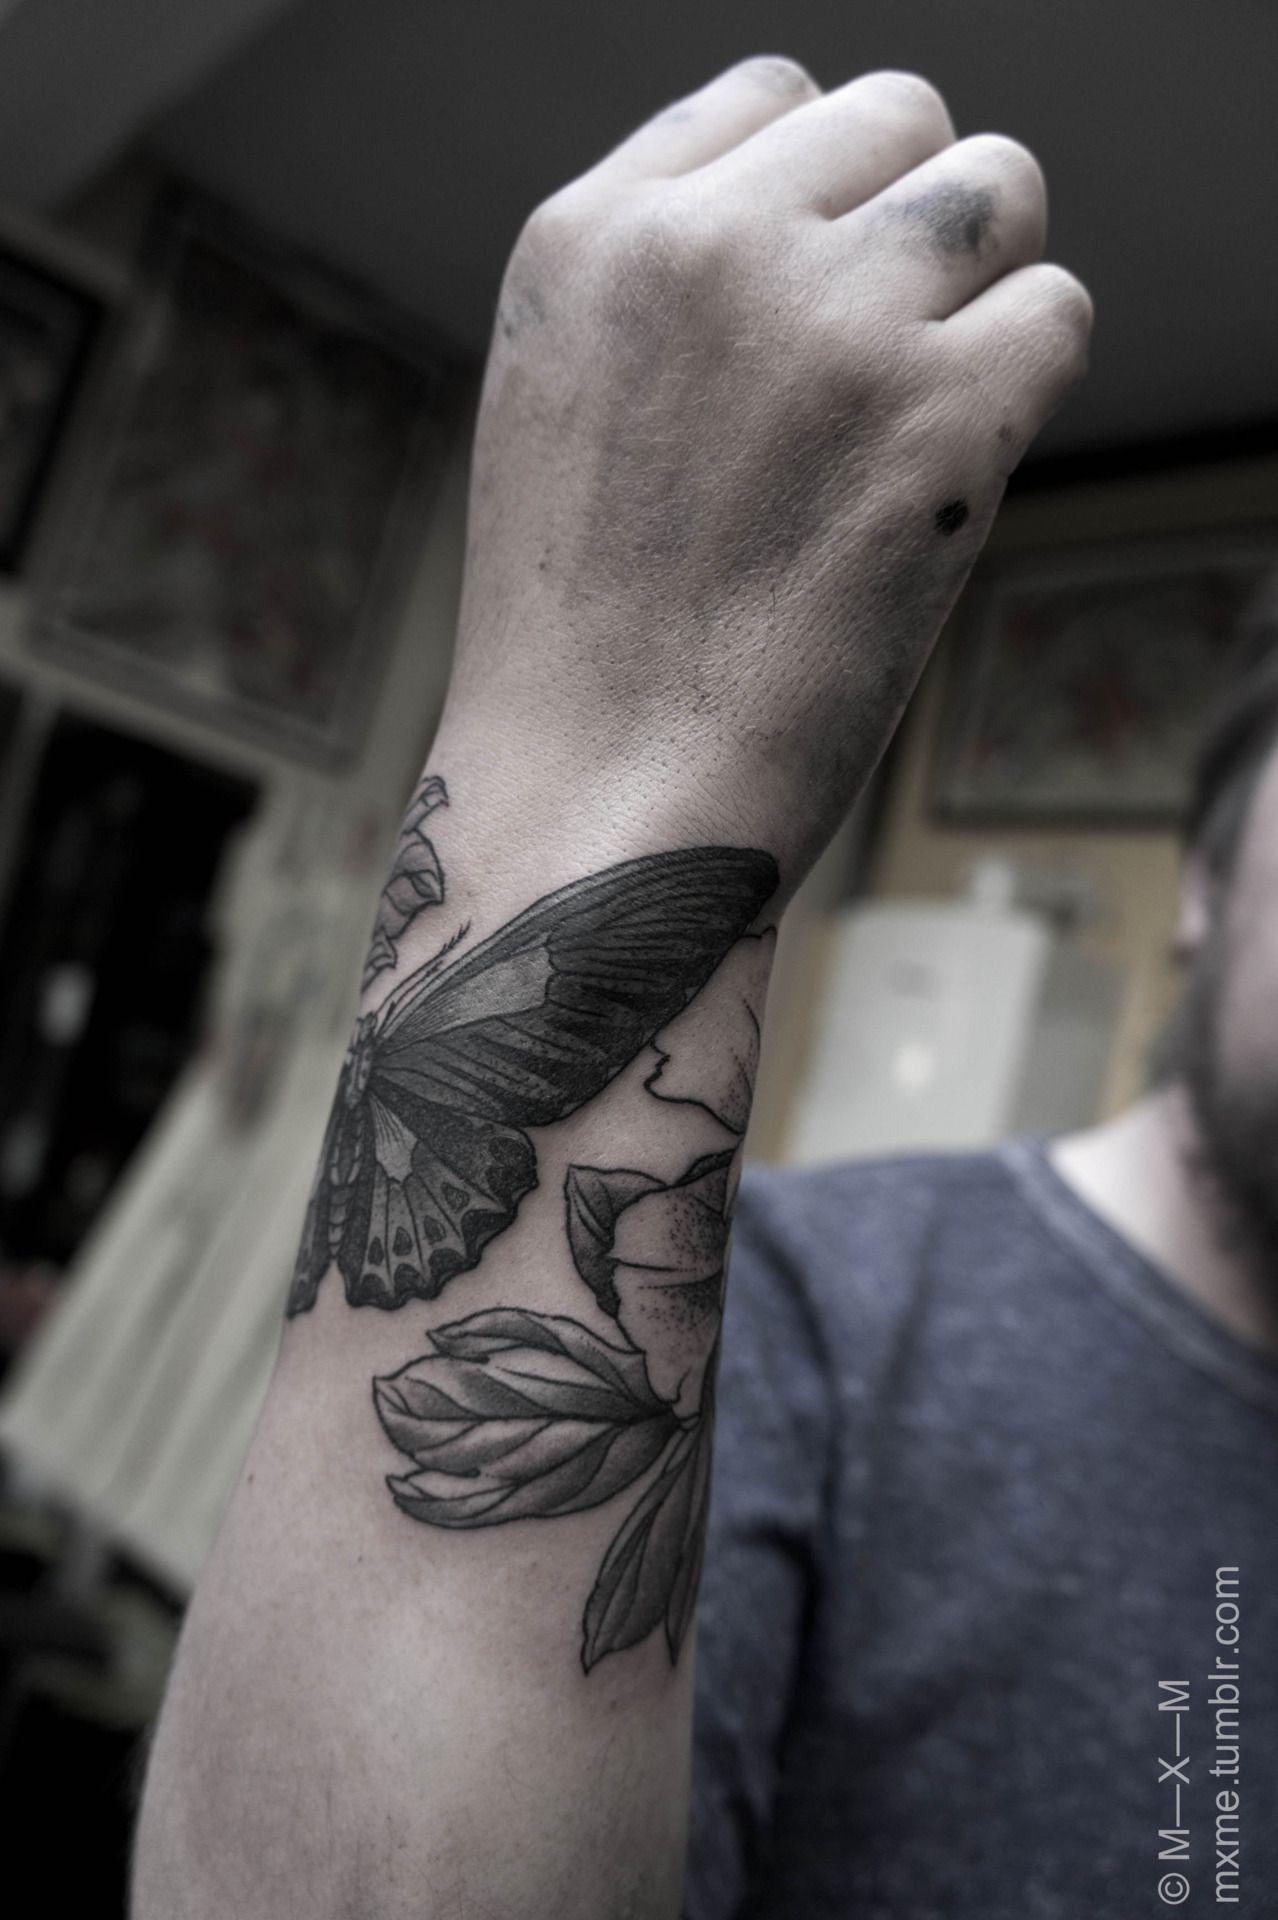 moth and flower by mxm wrist tattoos tattoo + tattoo